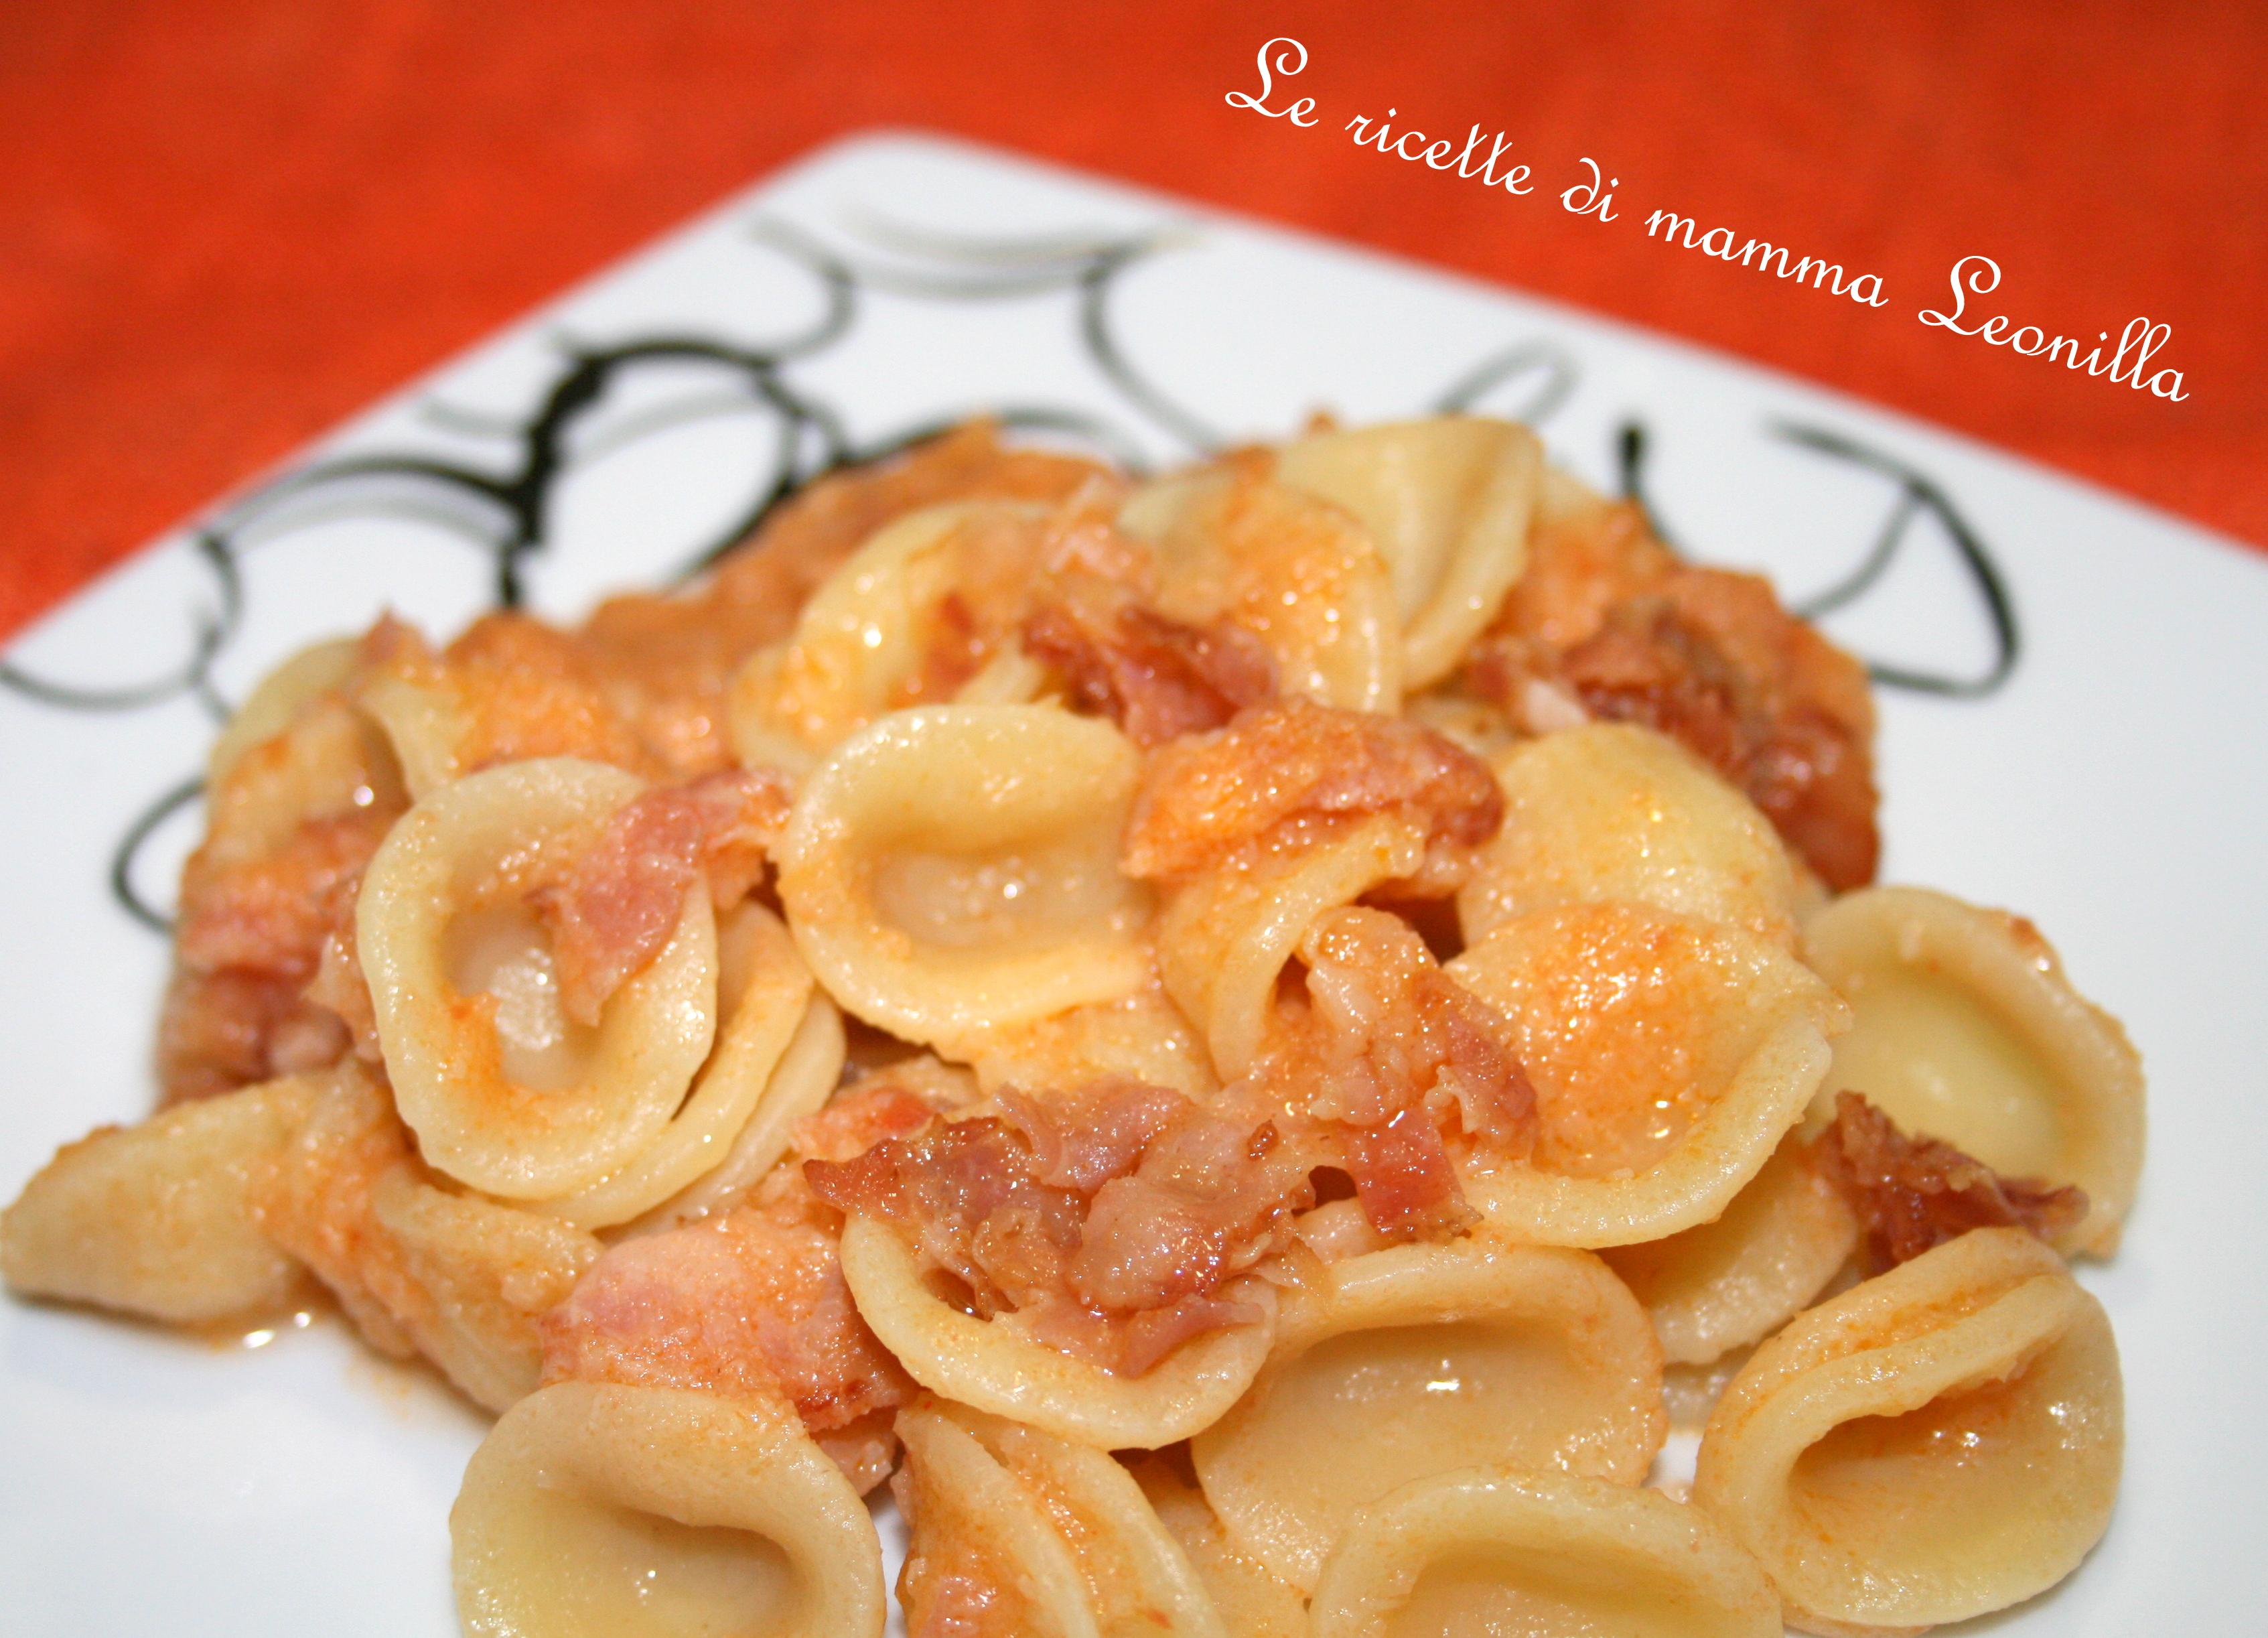 Risultati immagini per ORECCHIETTE al pomodoro e pancetta